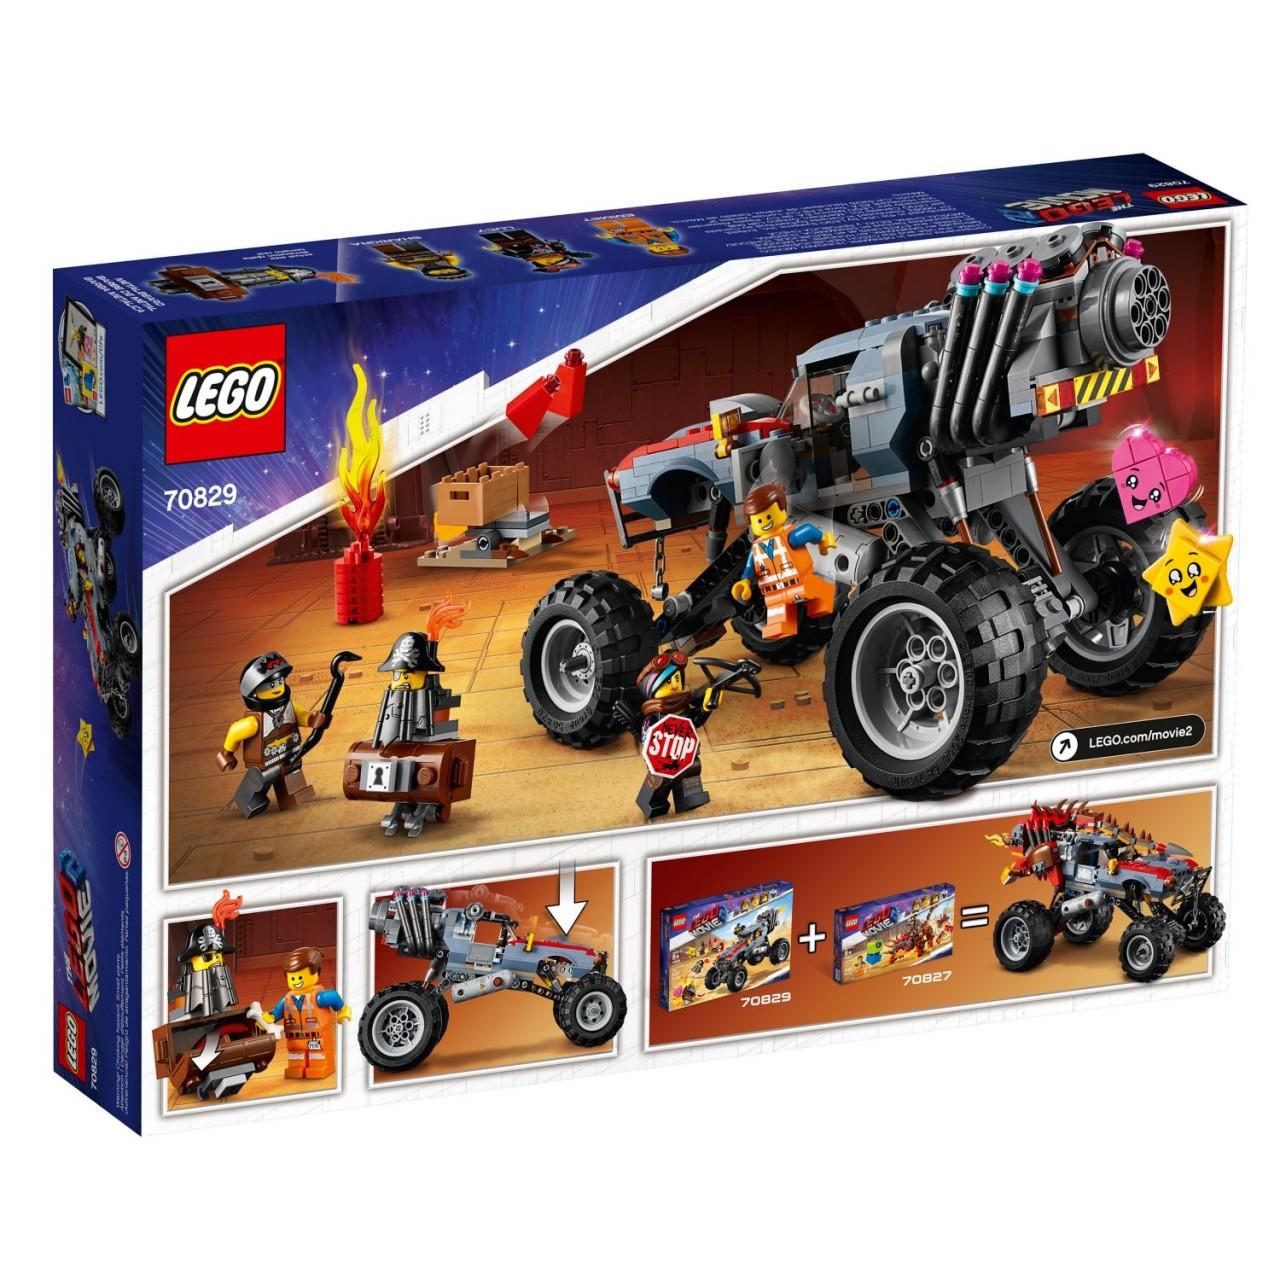 THE LEGO MOVIE 2 70829 Emmets und Lucys Flucht-Buggy!